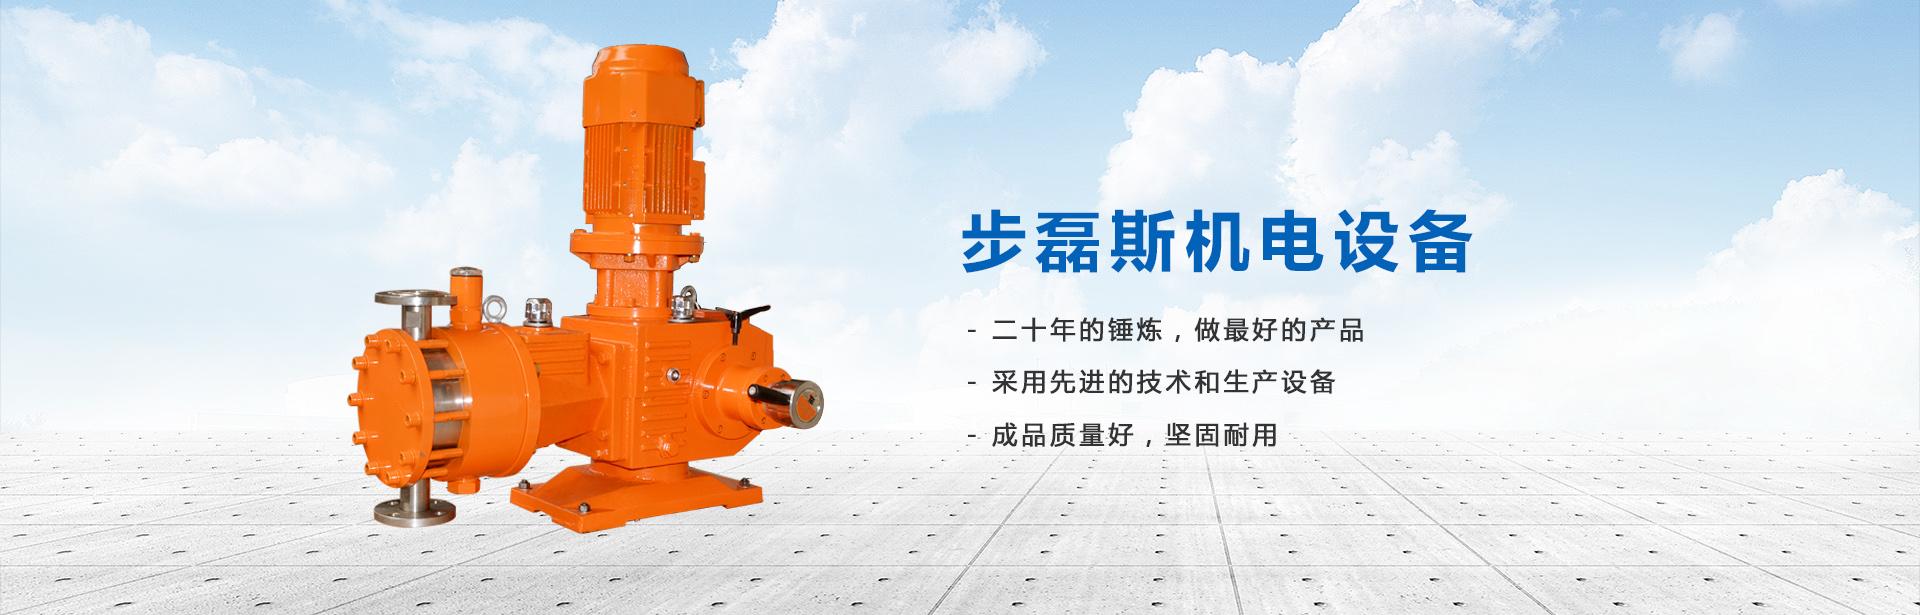 计量泵生产厂家